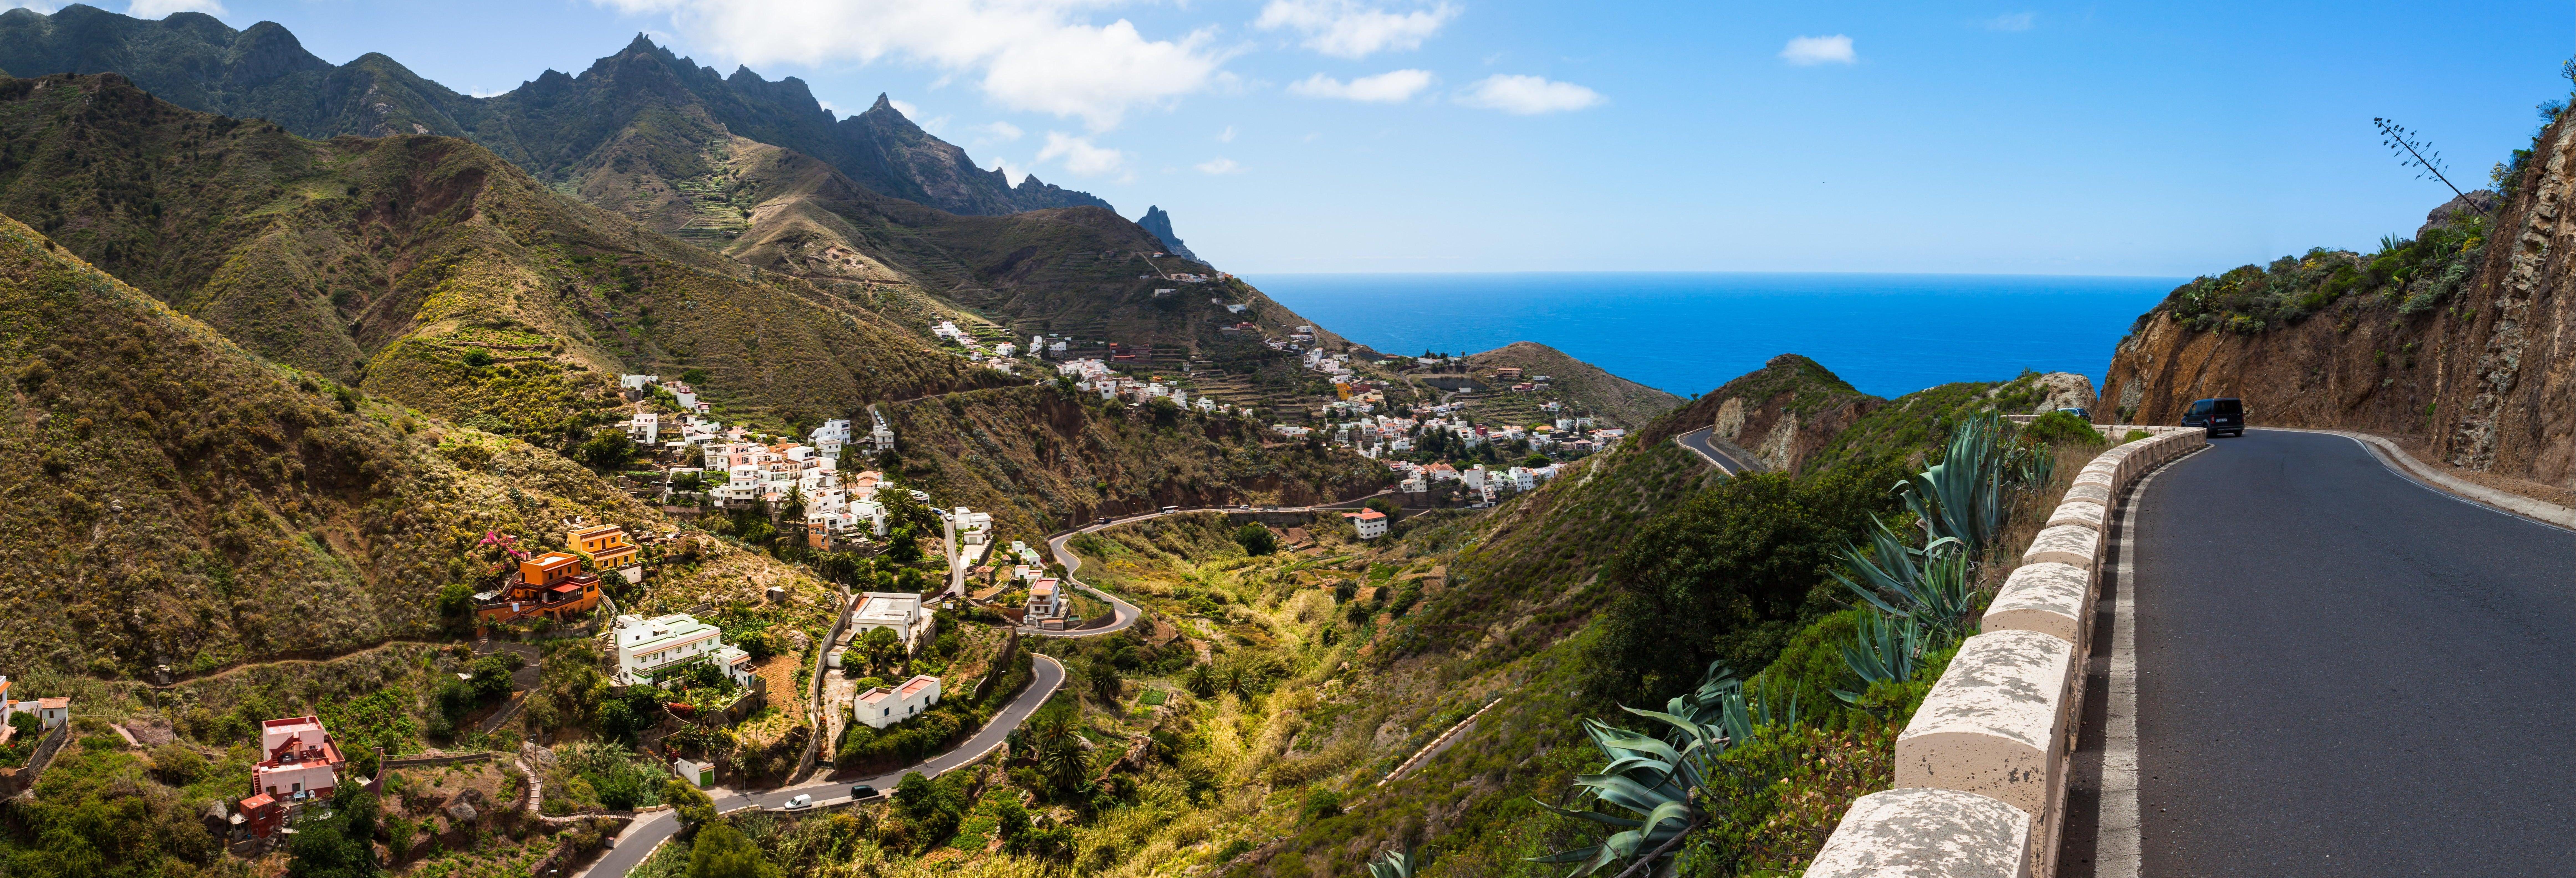 Excursión a Santa Cruz, La Laguna y Taganana desde el sur de Tenerife